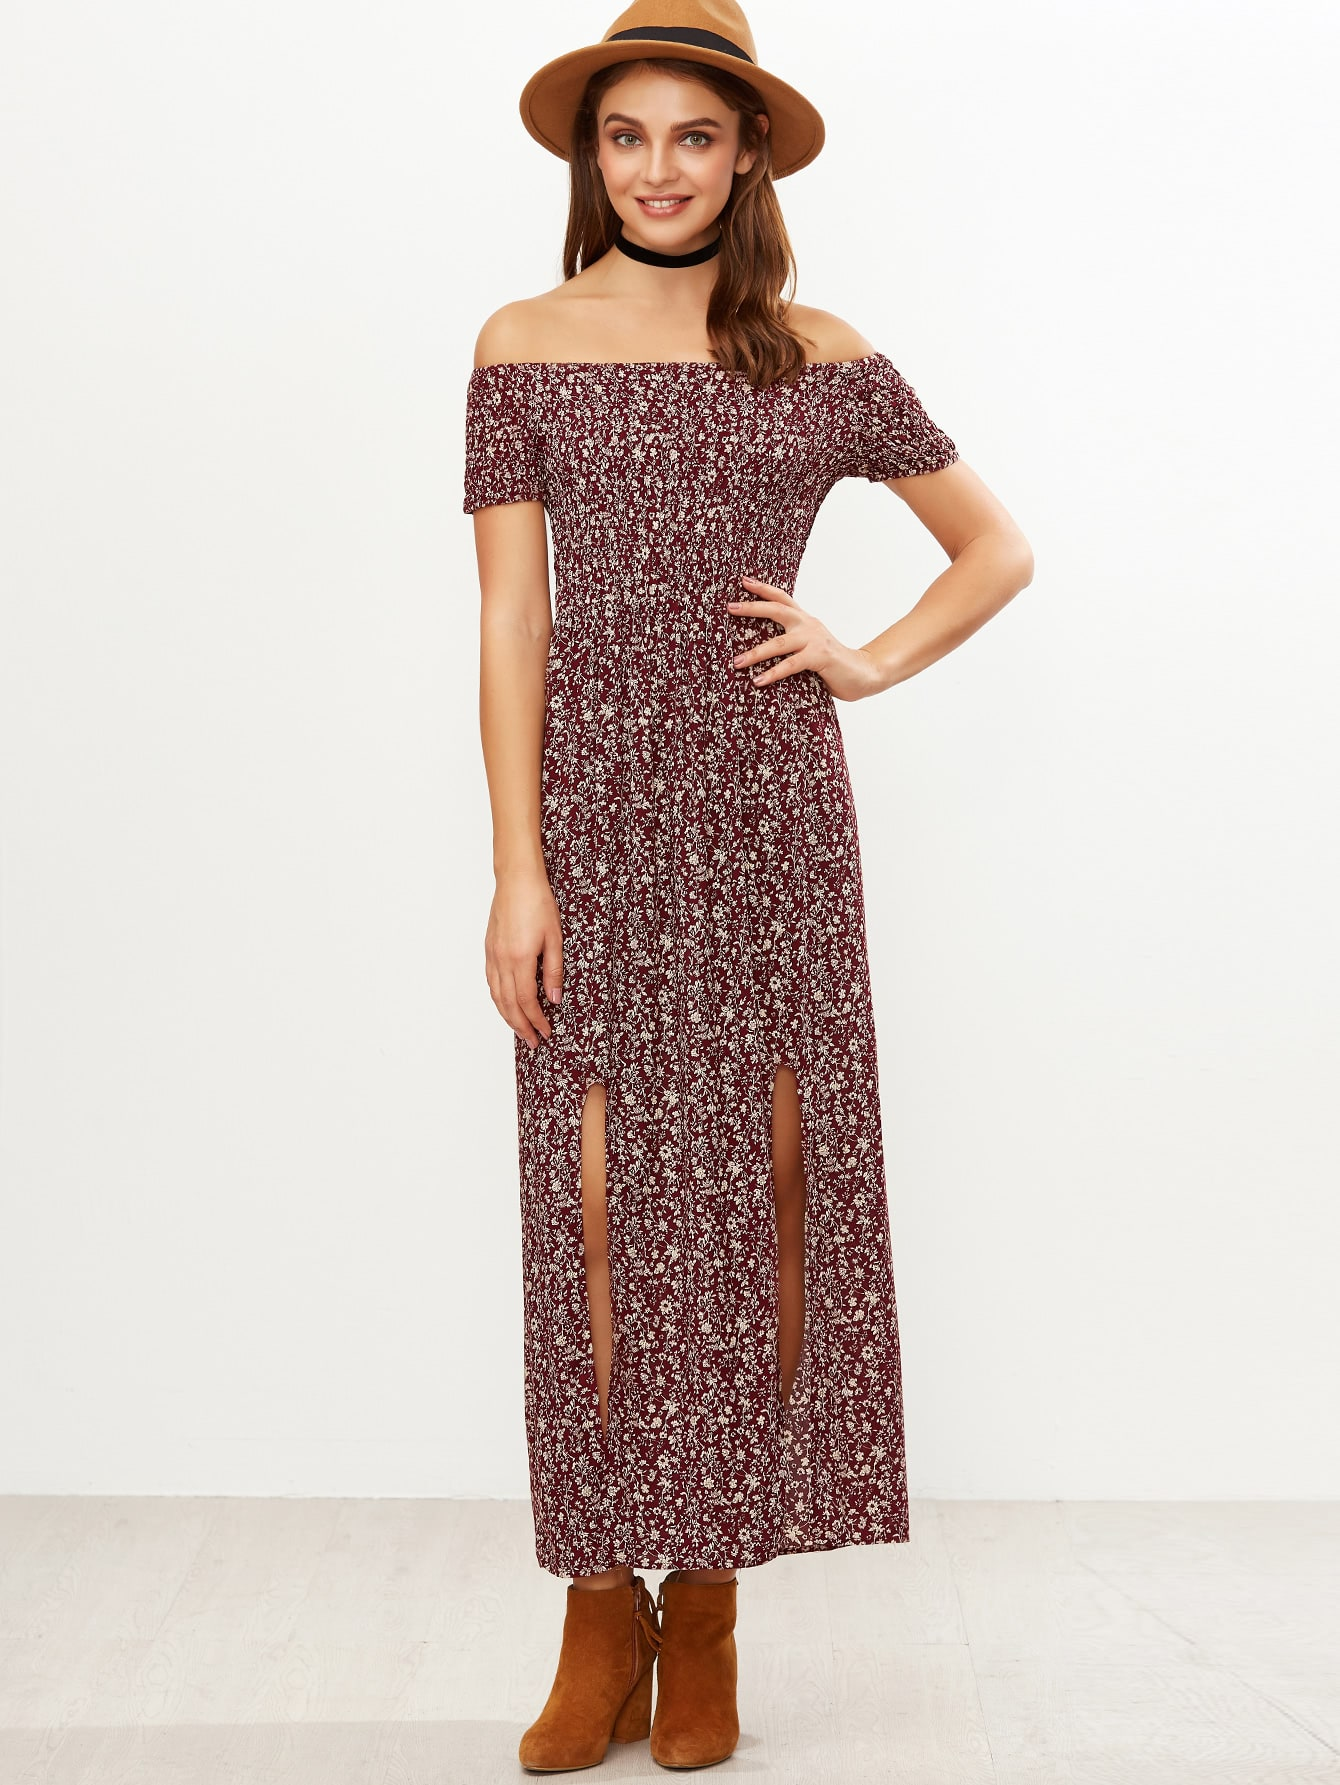 Shirred Off-The-Shoulder Slit-Front Floral Dress - Burgundy